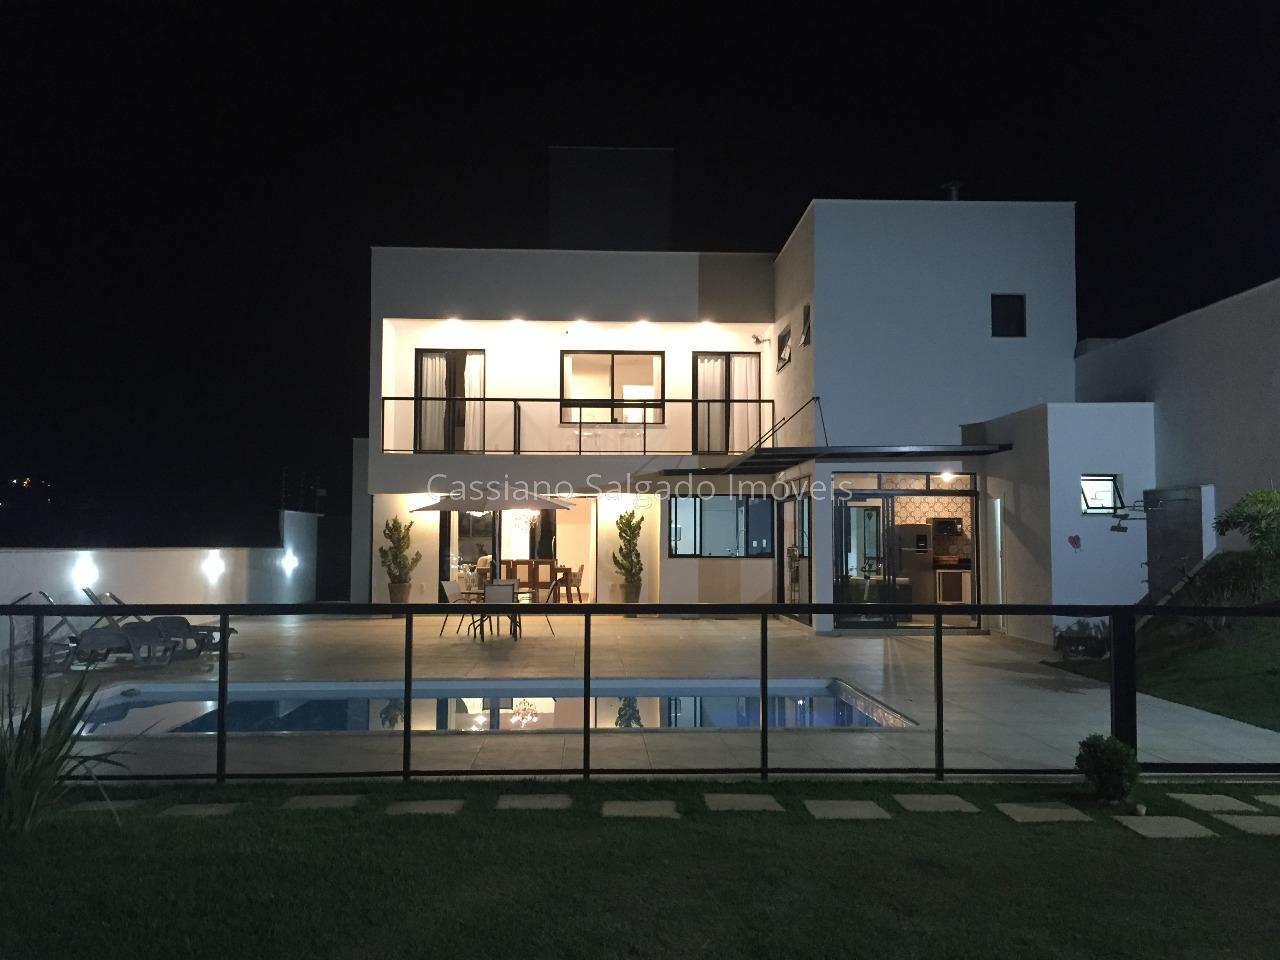 Casa Residencial à venda, Novo Horizonte, Juiz de Fora - CA0454.